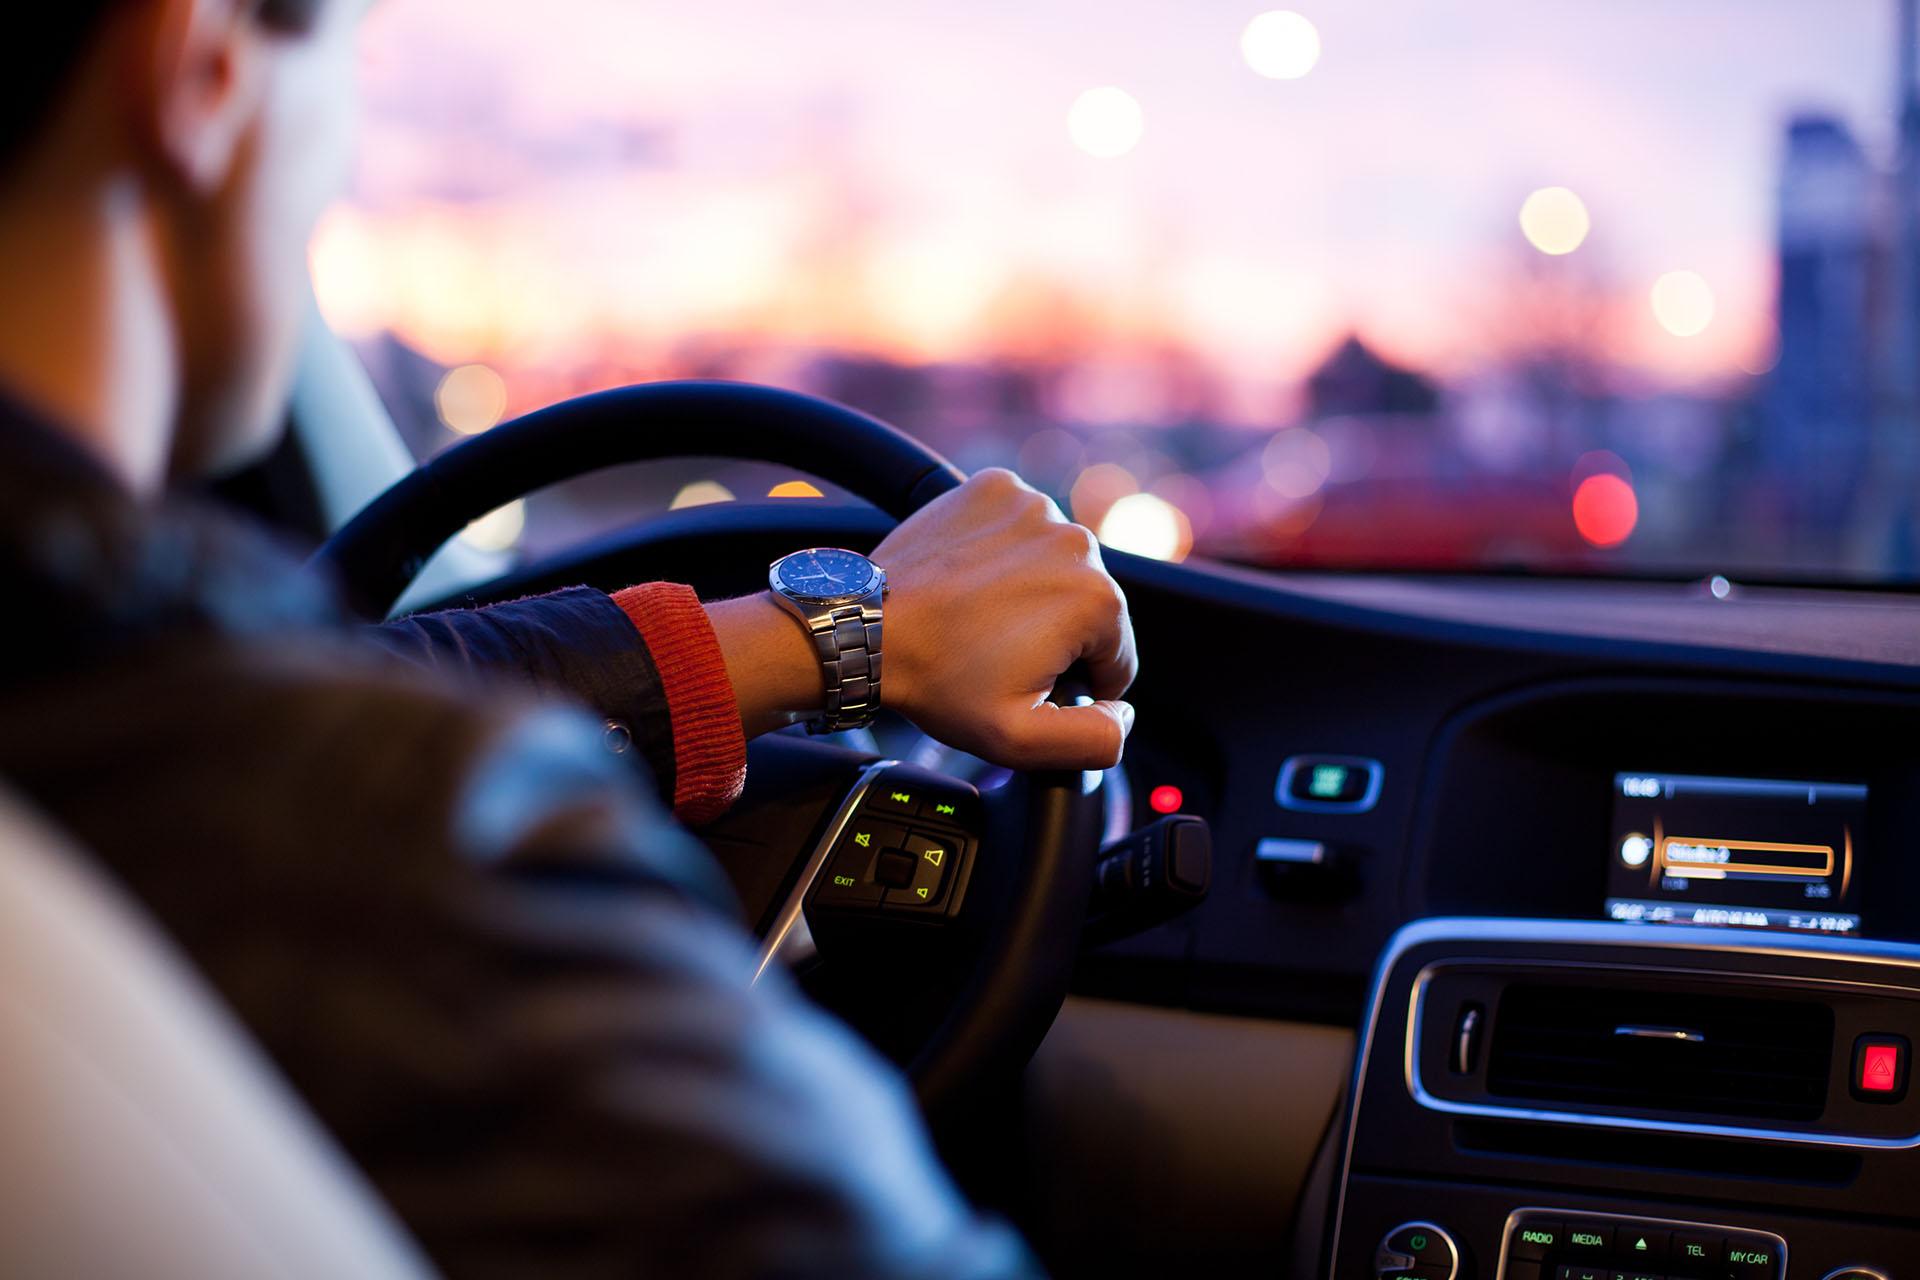 BM Cars atrakcyjna cena i jakość ASO